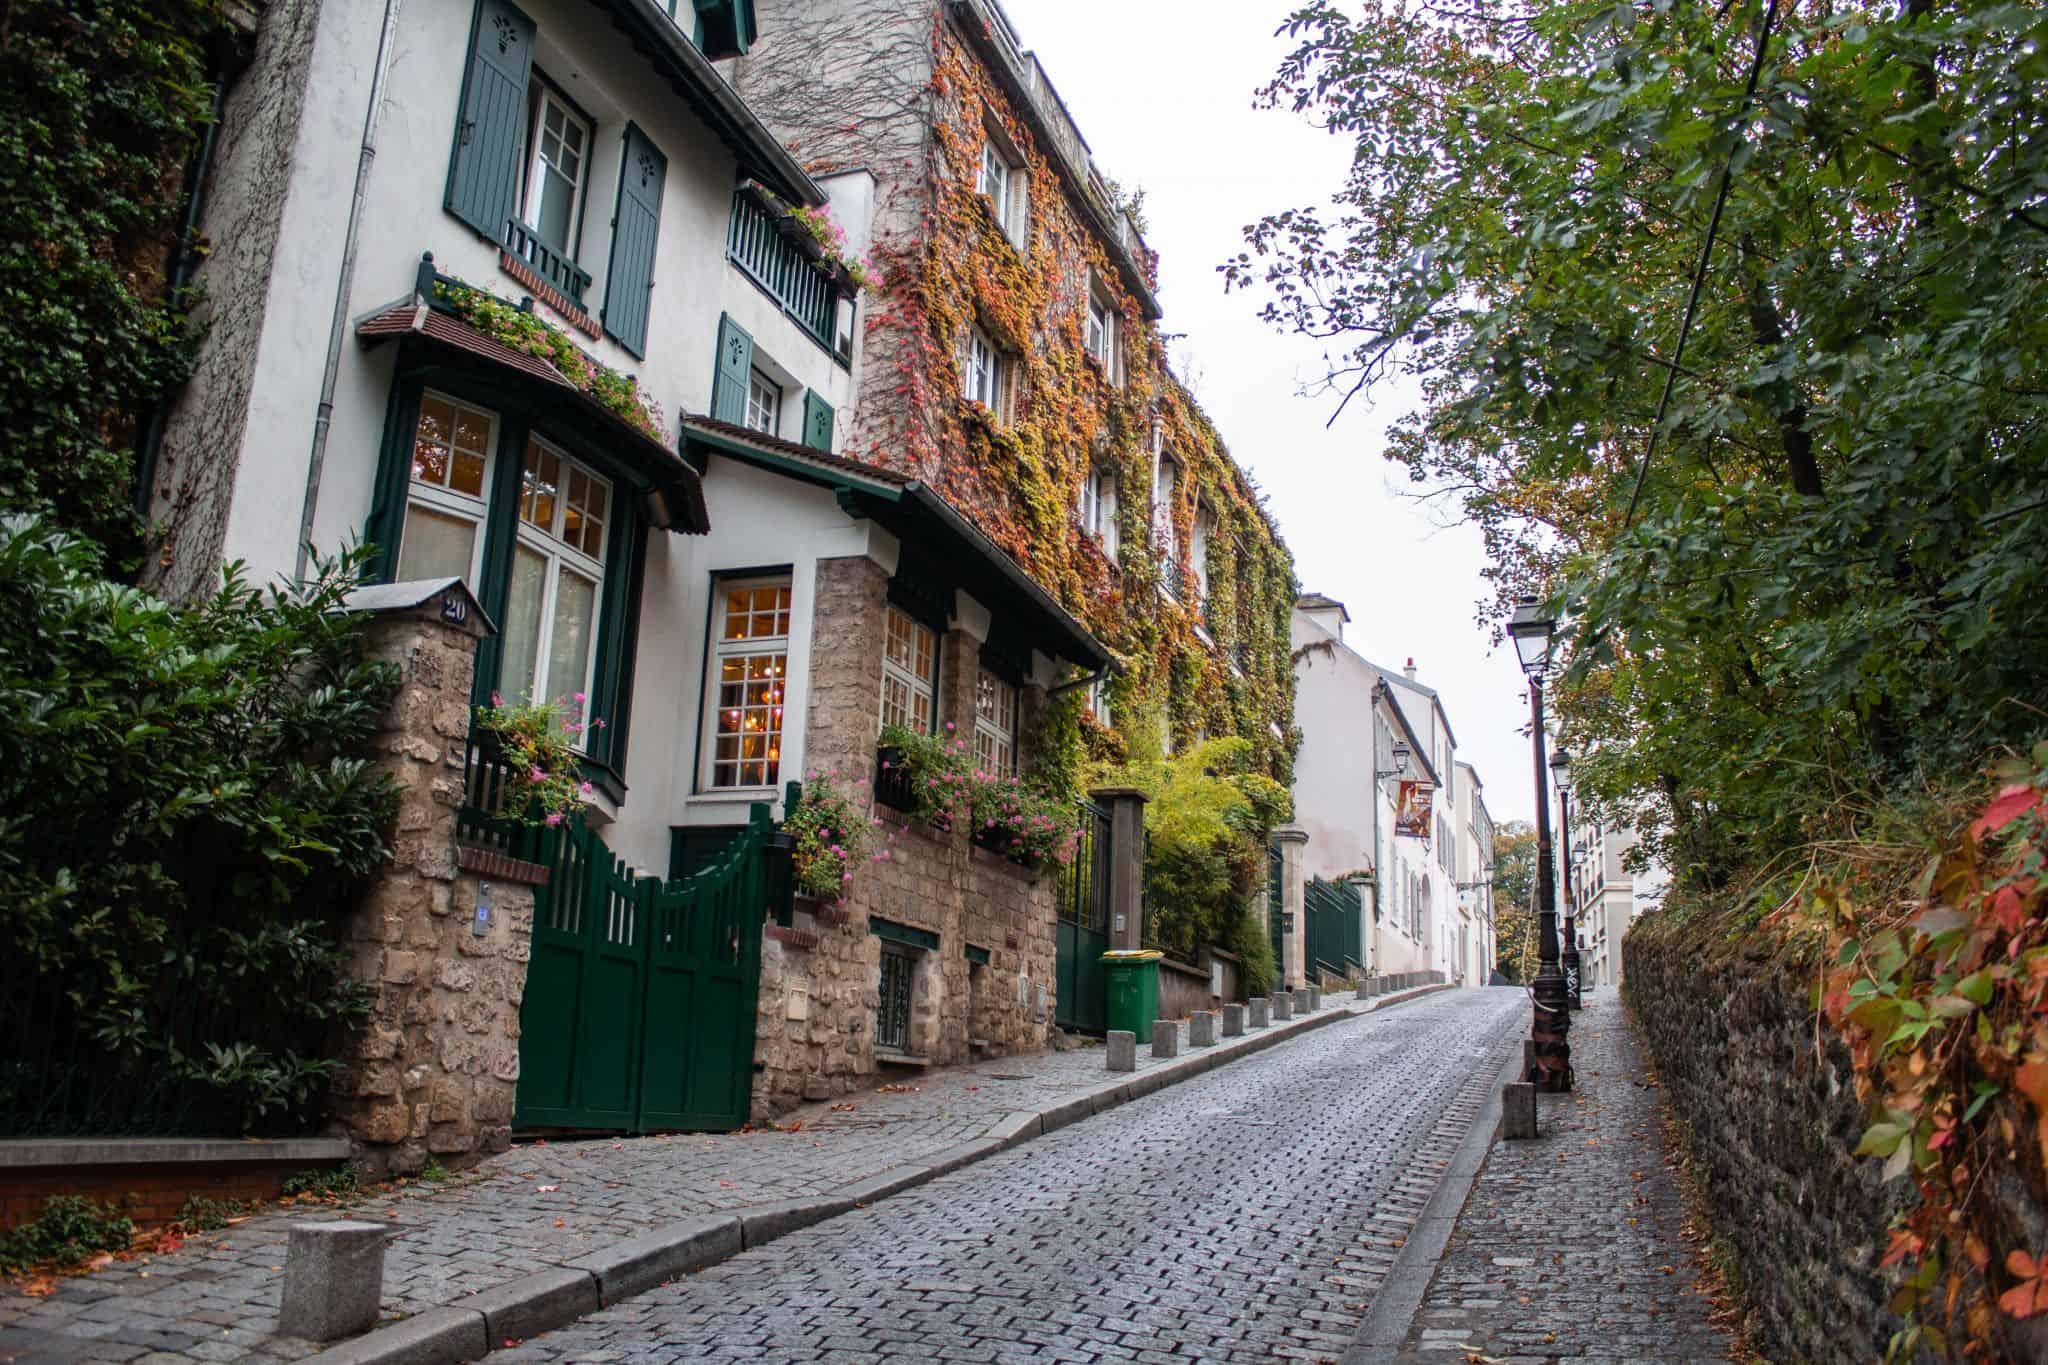 A day in Montmartre - Rue Cortot